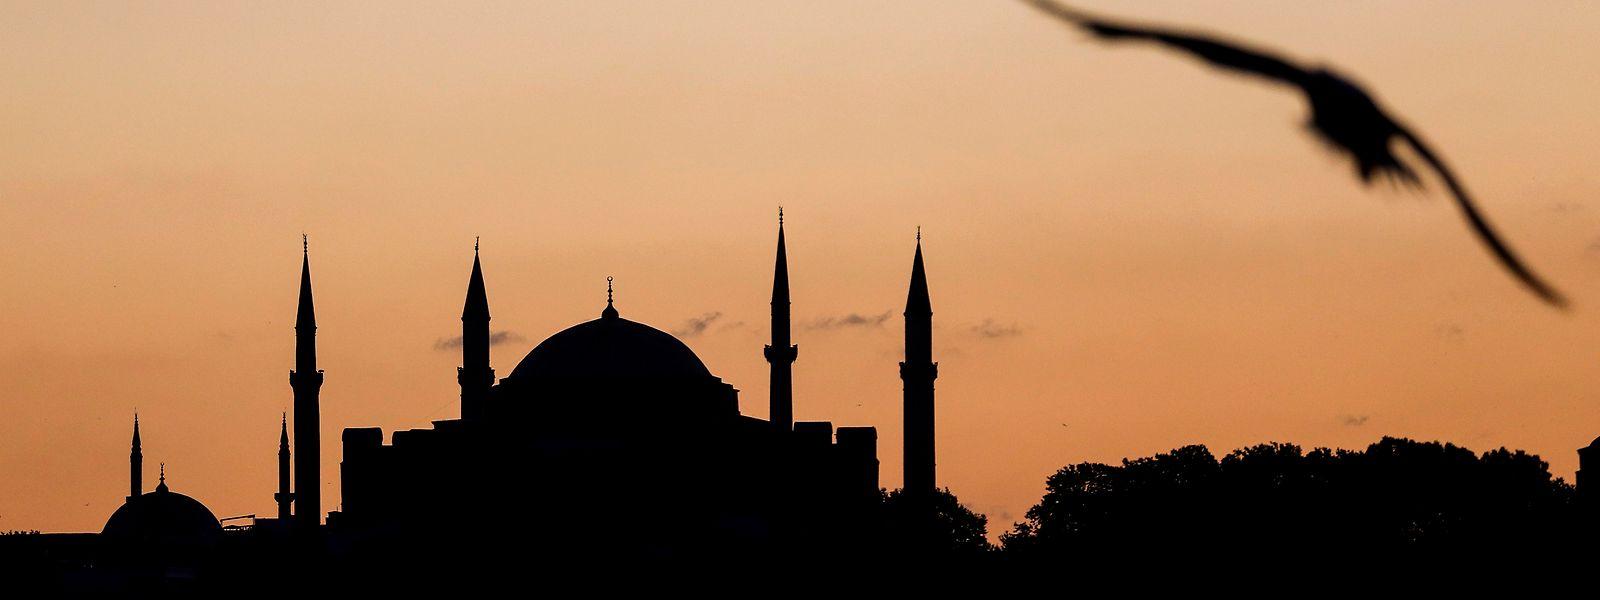 Blick auf die Hagia Sophia. Rund 90 Jahre nach der Umwandlung des Istanbuler Wahrzeichens Hagia Sophia in ein Museum wird das Gebäude nun wieder zu einer Moschee.